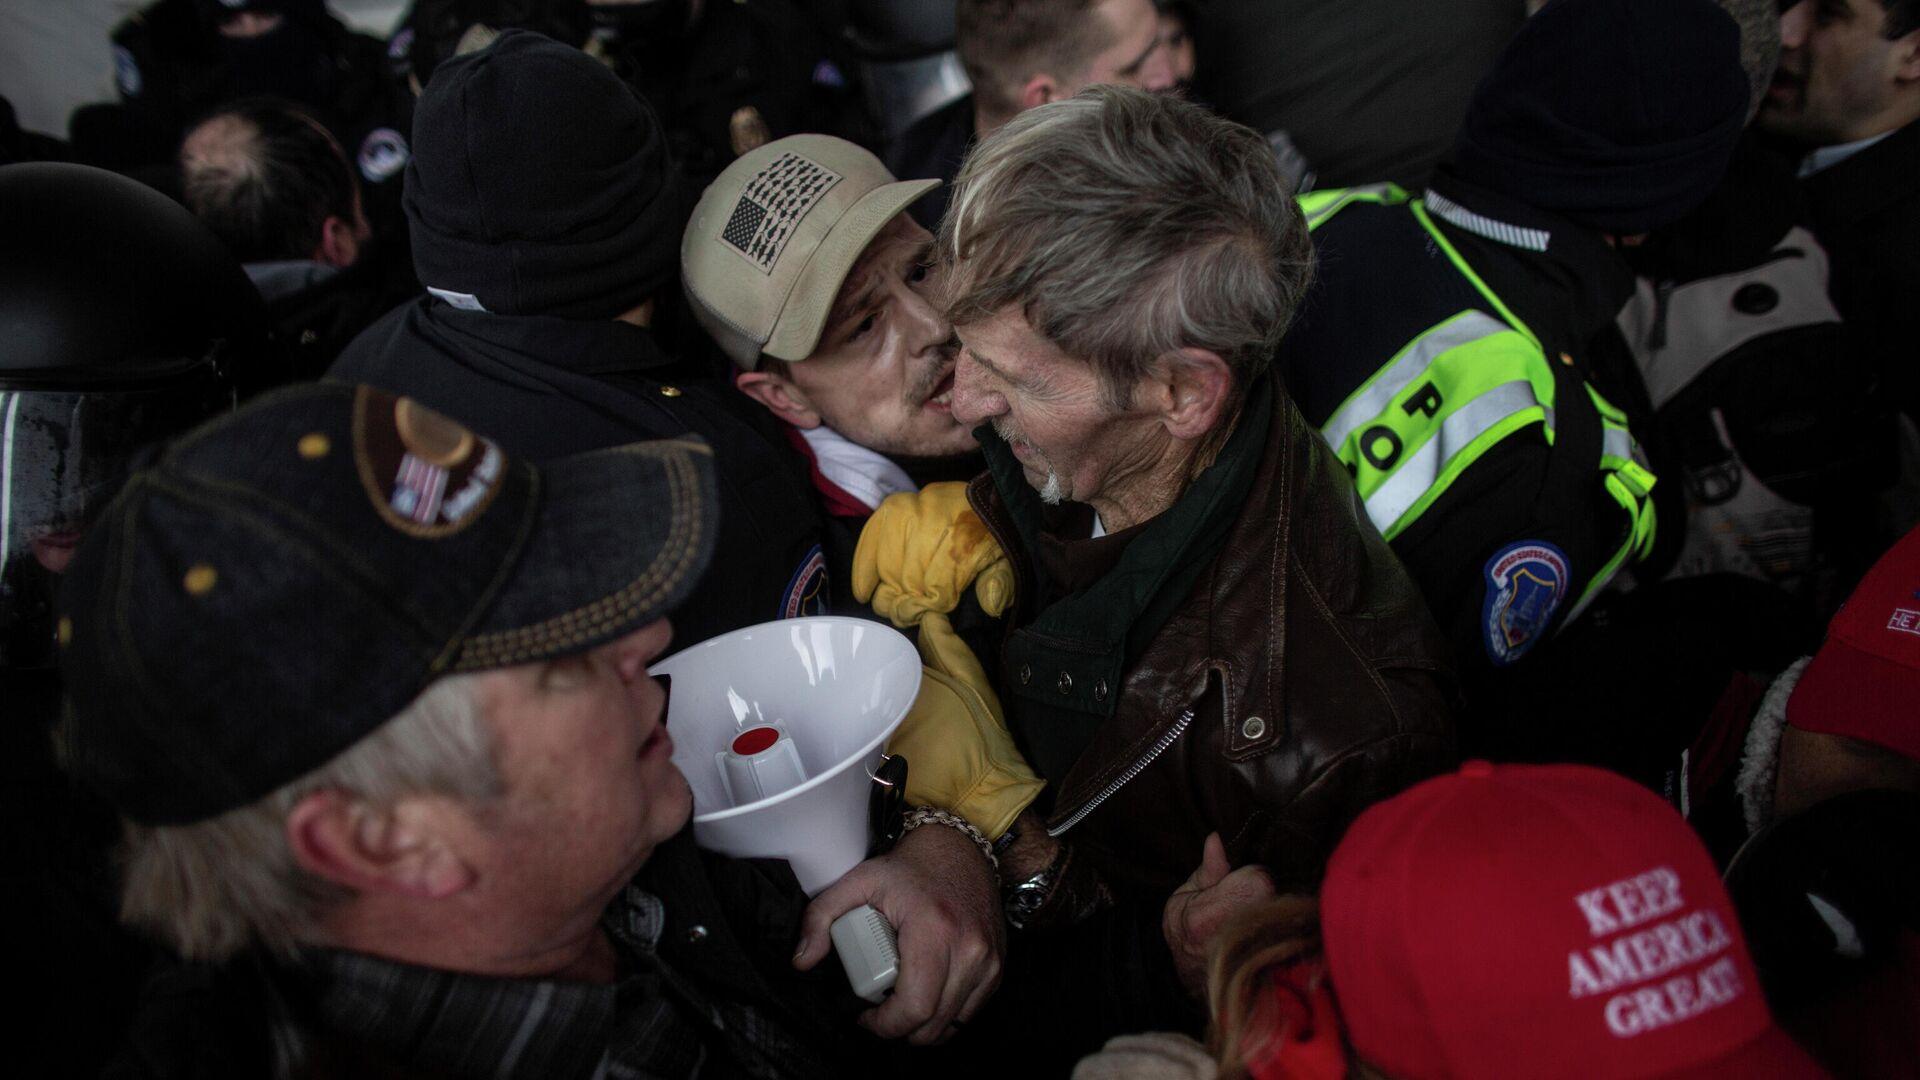 Anhänger des scheidenden US-Präsidenten Donald Trump beim Kapitol-Sturm am 6. Januar - SNA, 1920, 07.01.2021